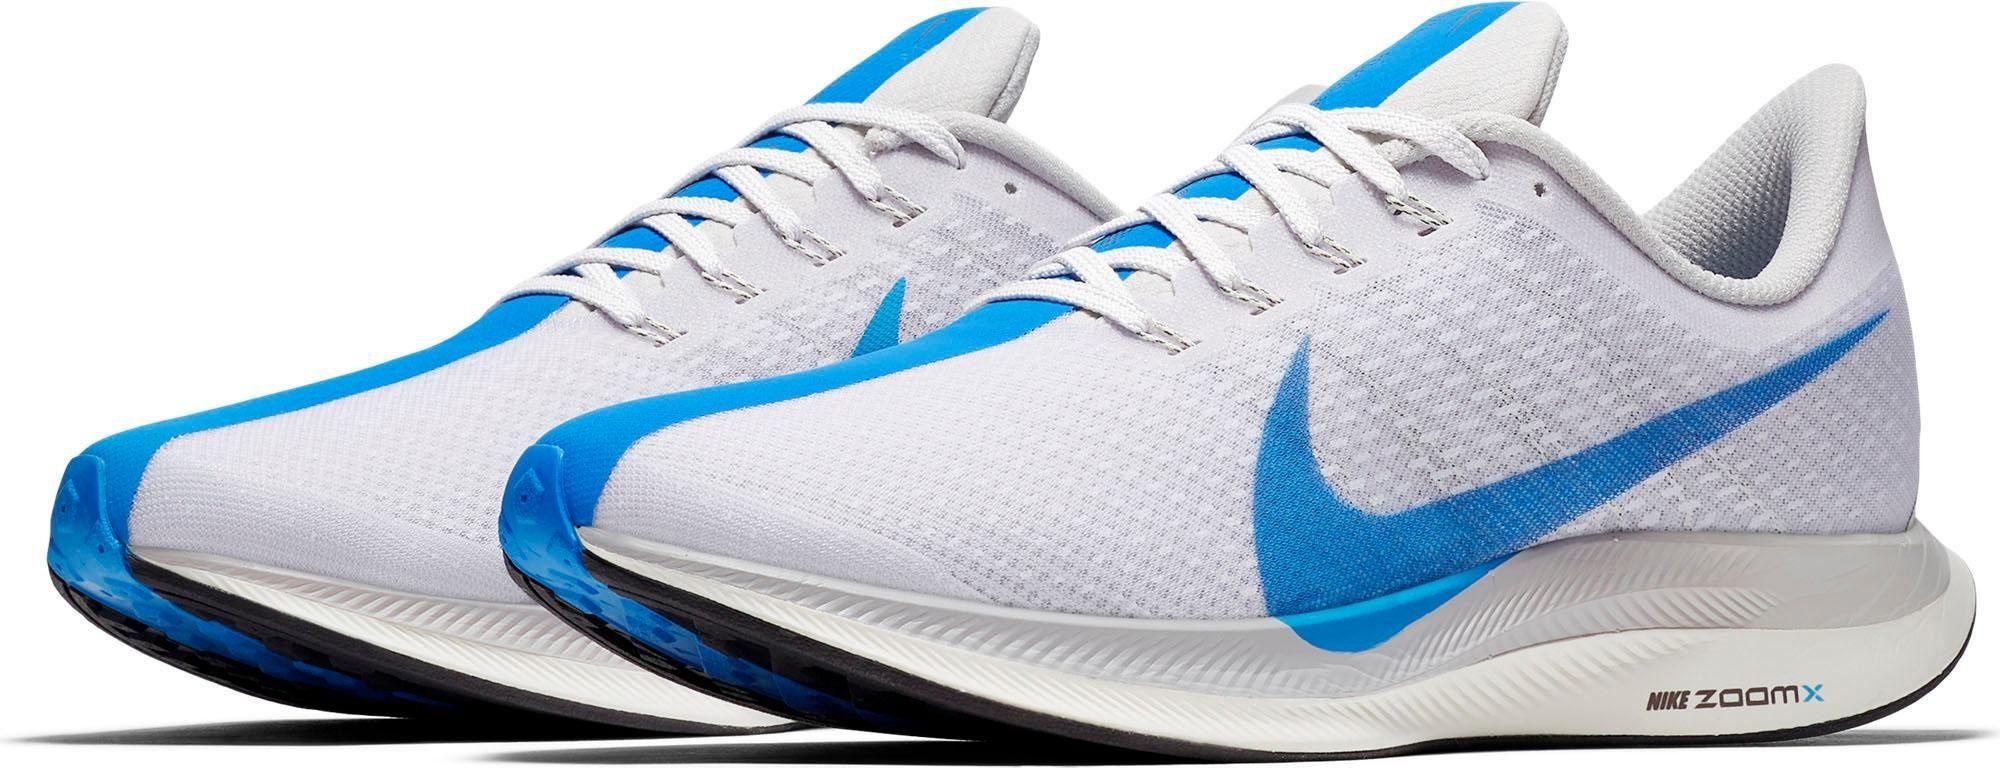 Nike »Zoom Pegasus 35 Turbo« Laufschuh, Reaktionsfreudiger Laufschuh von Nike online kaufen | OTTO